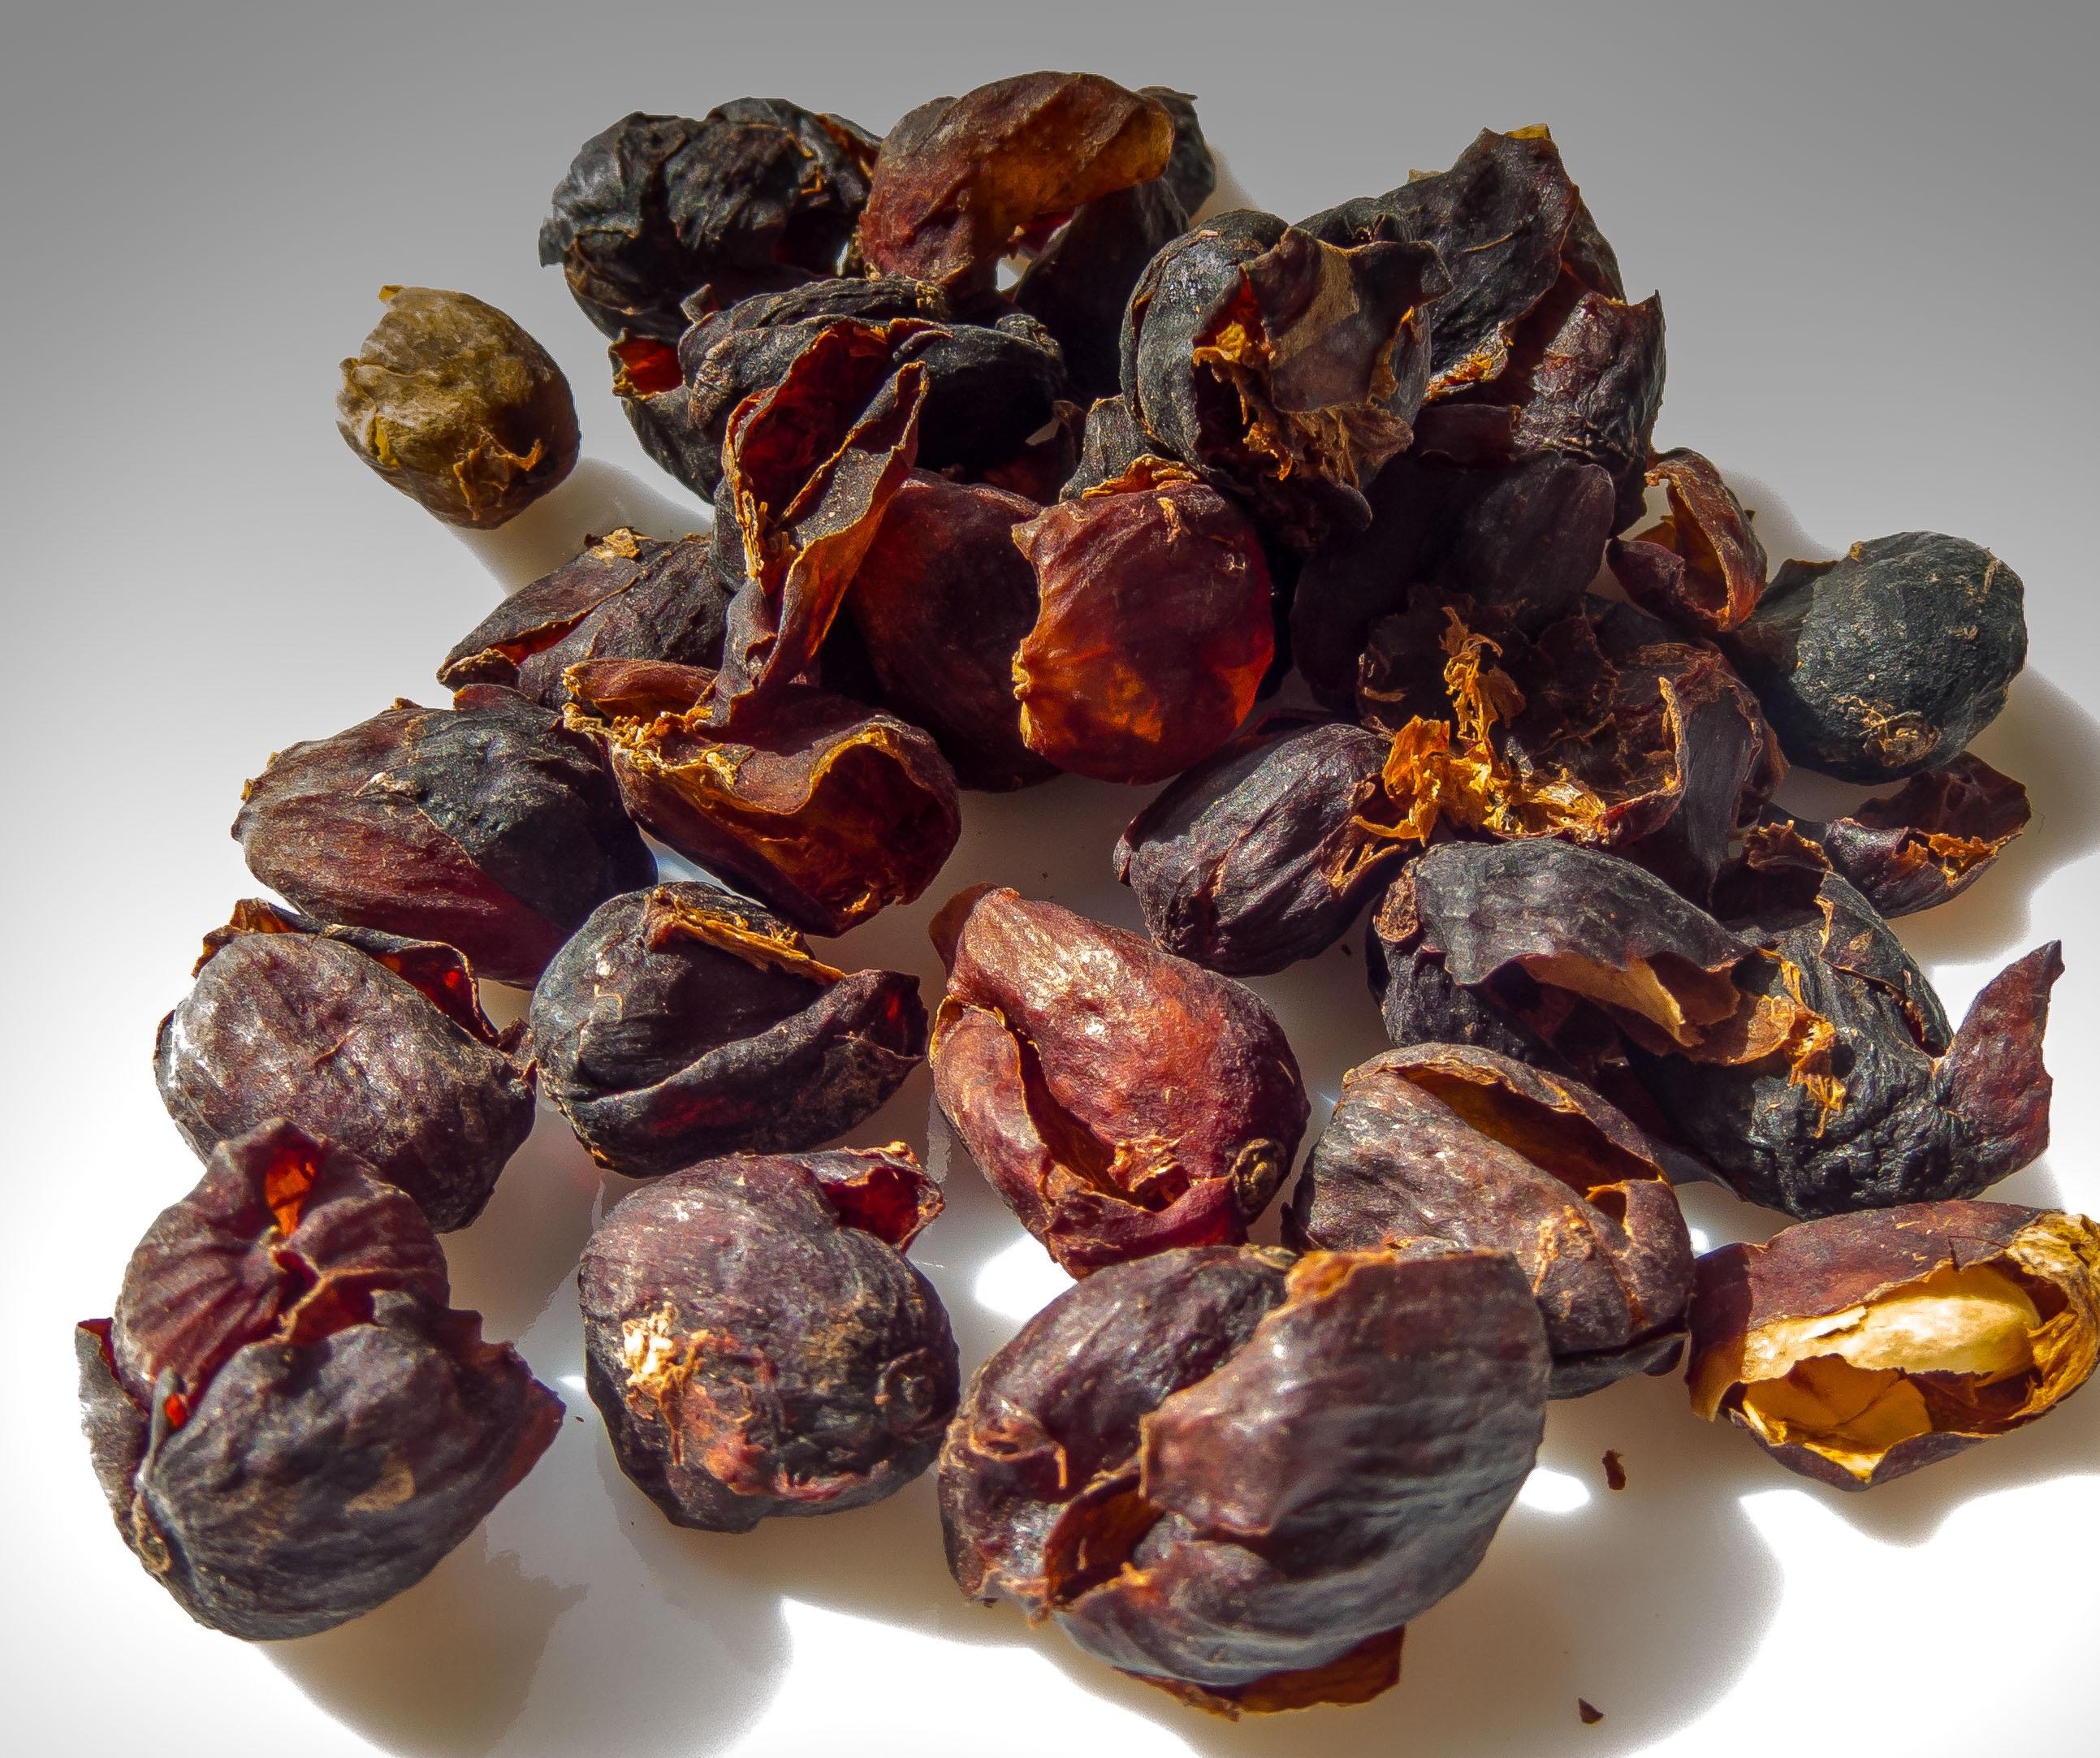 Gambar Kopi Menanam Buah Makanan Menghasilkan Perhiasan Meja Makan Amber Kulit Auriculariales Coffea Batu Permata Kurma Fashion Aksesori